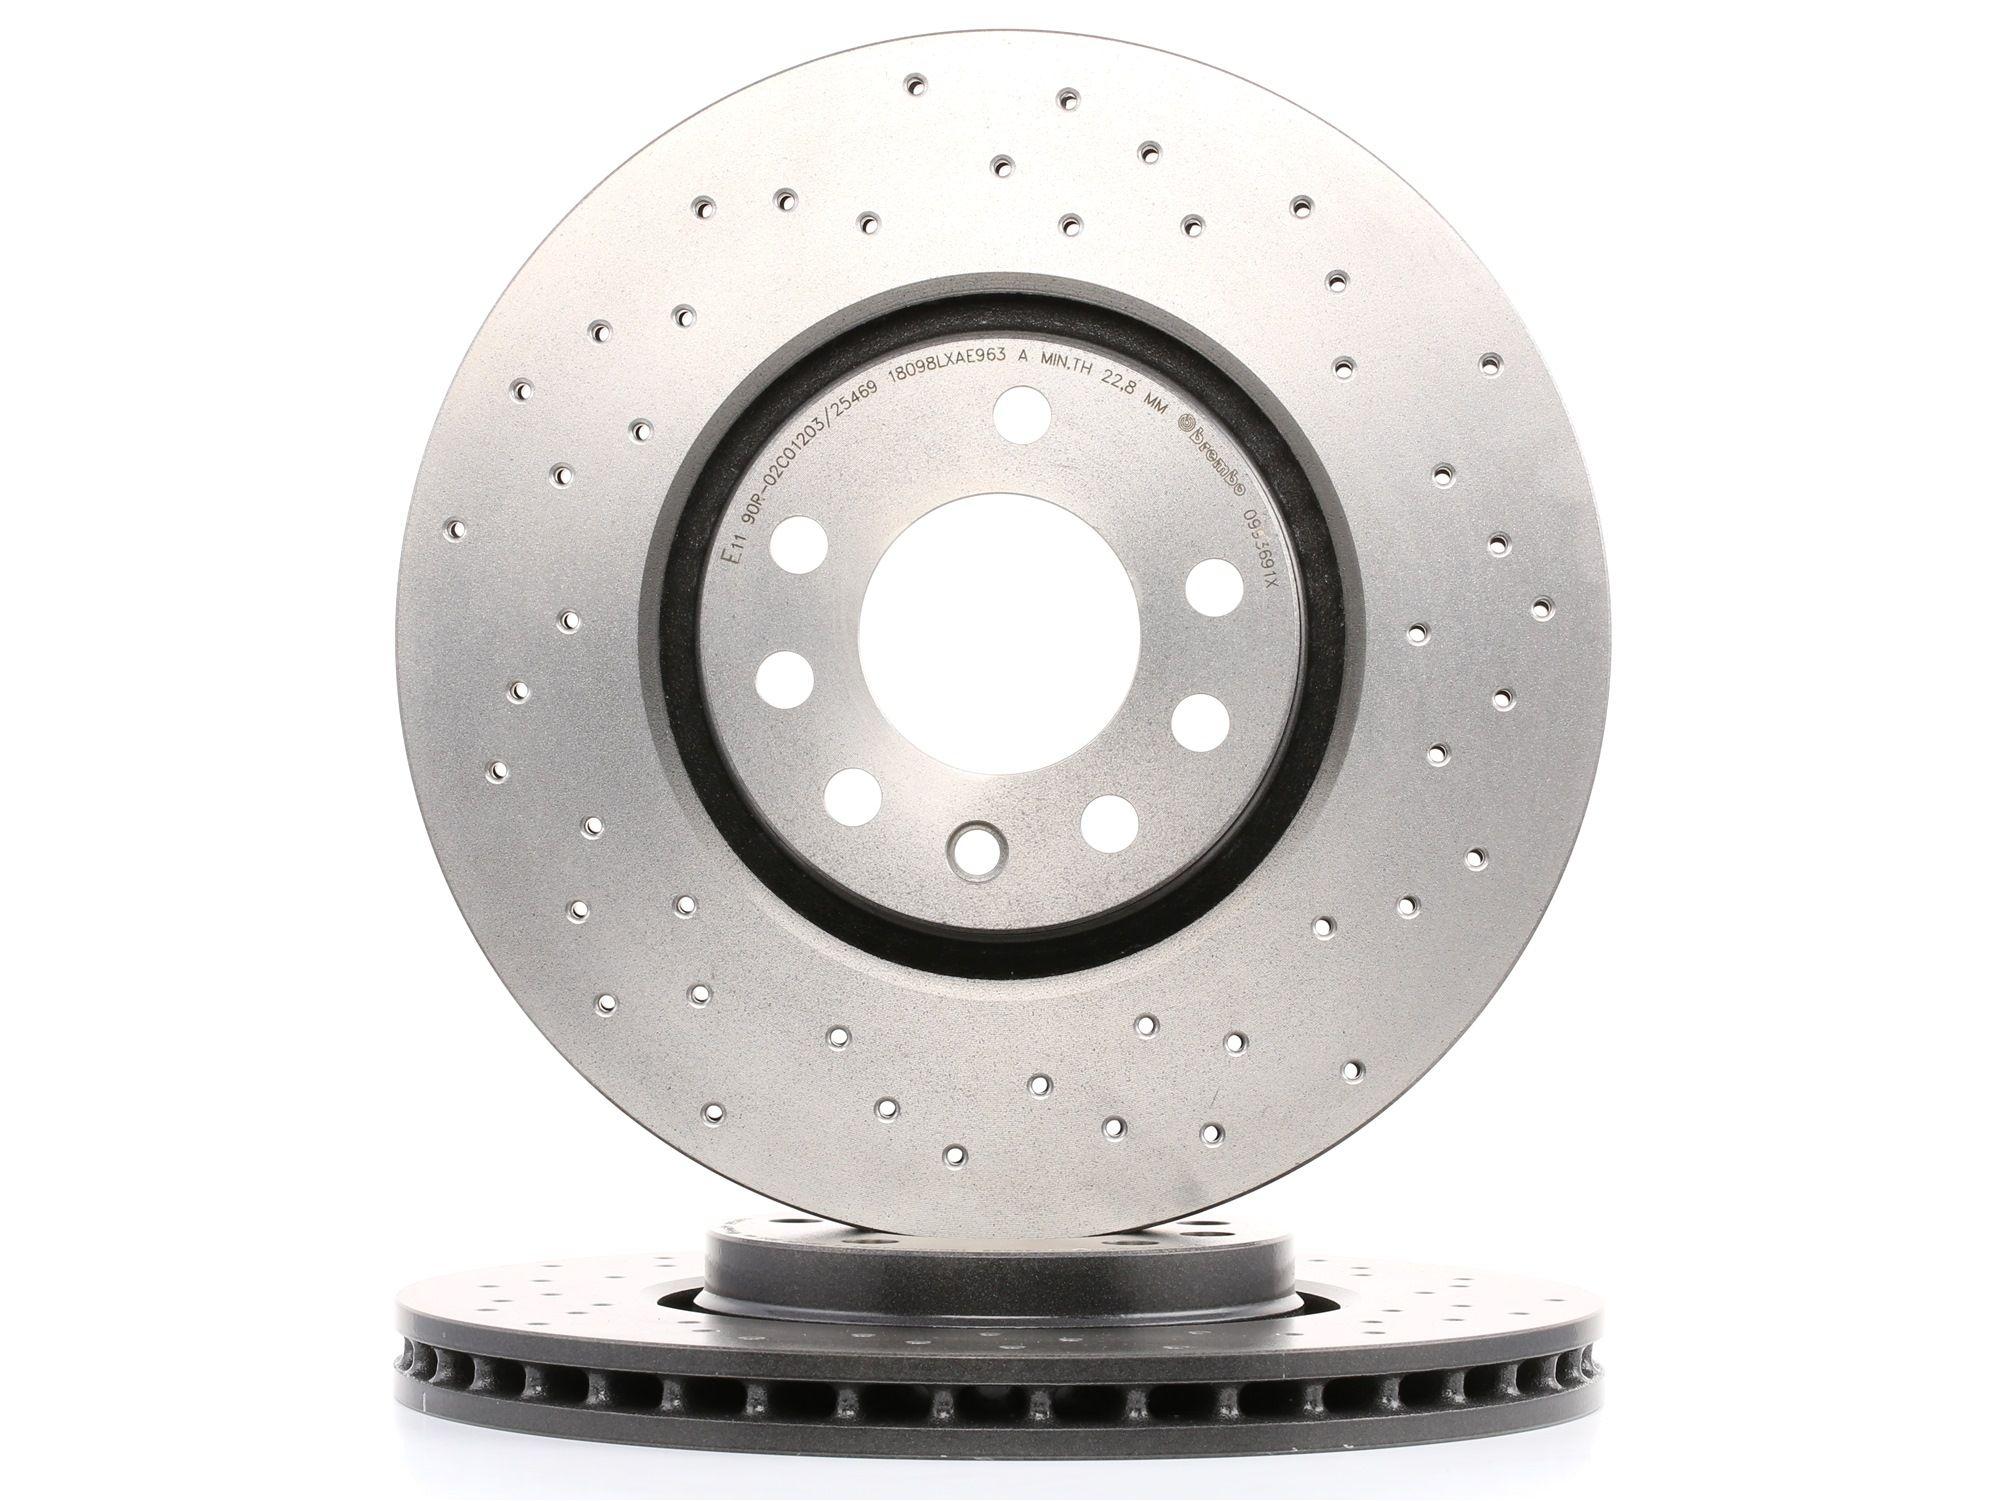 OPEL CORSA 2020 Scheibenbremsen - Original BREMBO 09.9369.1X Ø: 308mm, Lochanzahl: 5, Bremsscheibendicke: 25mm